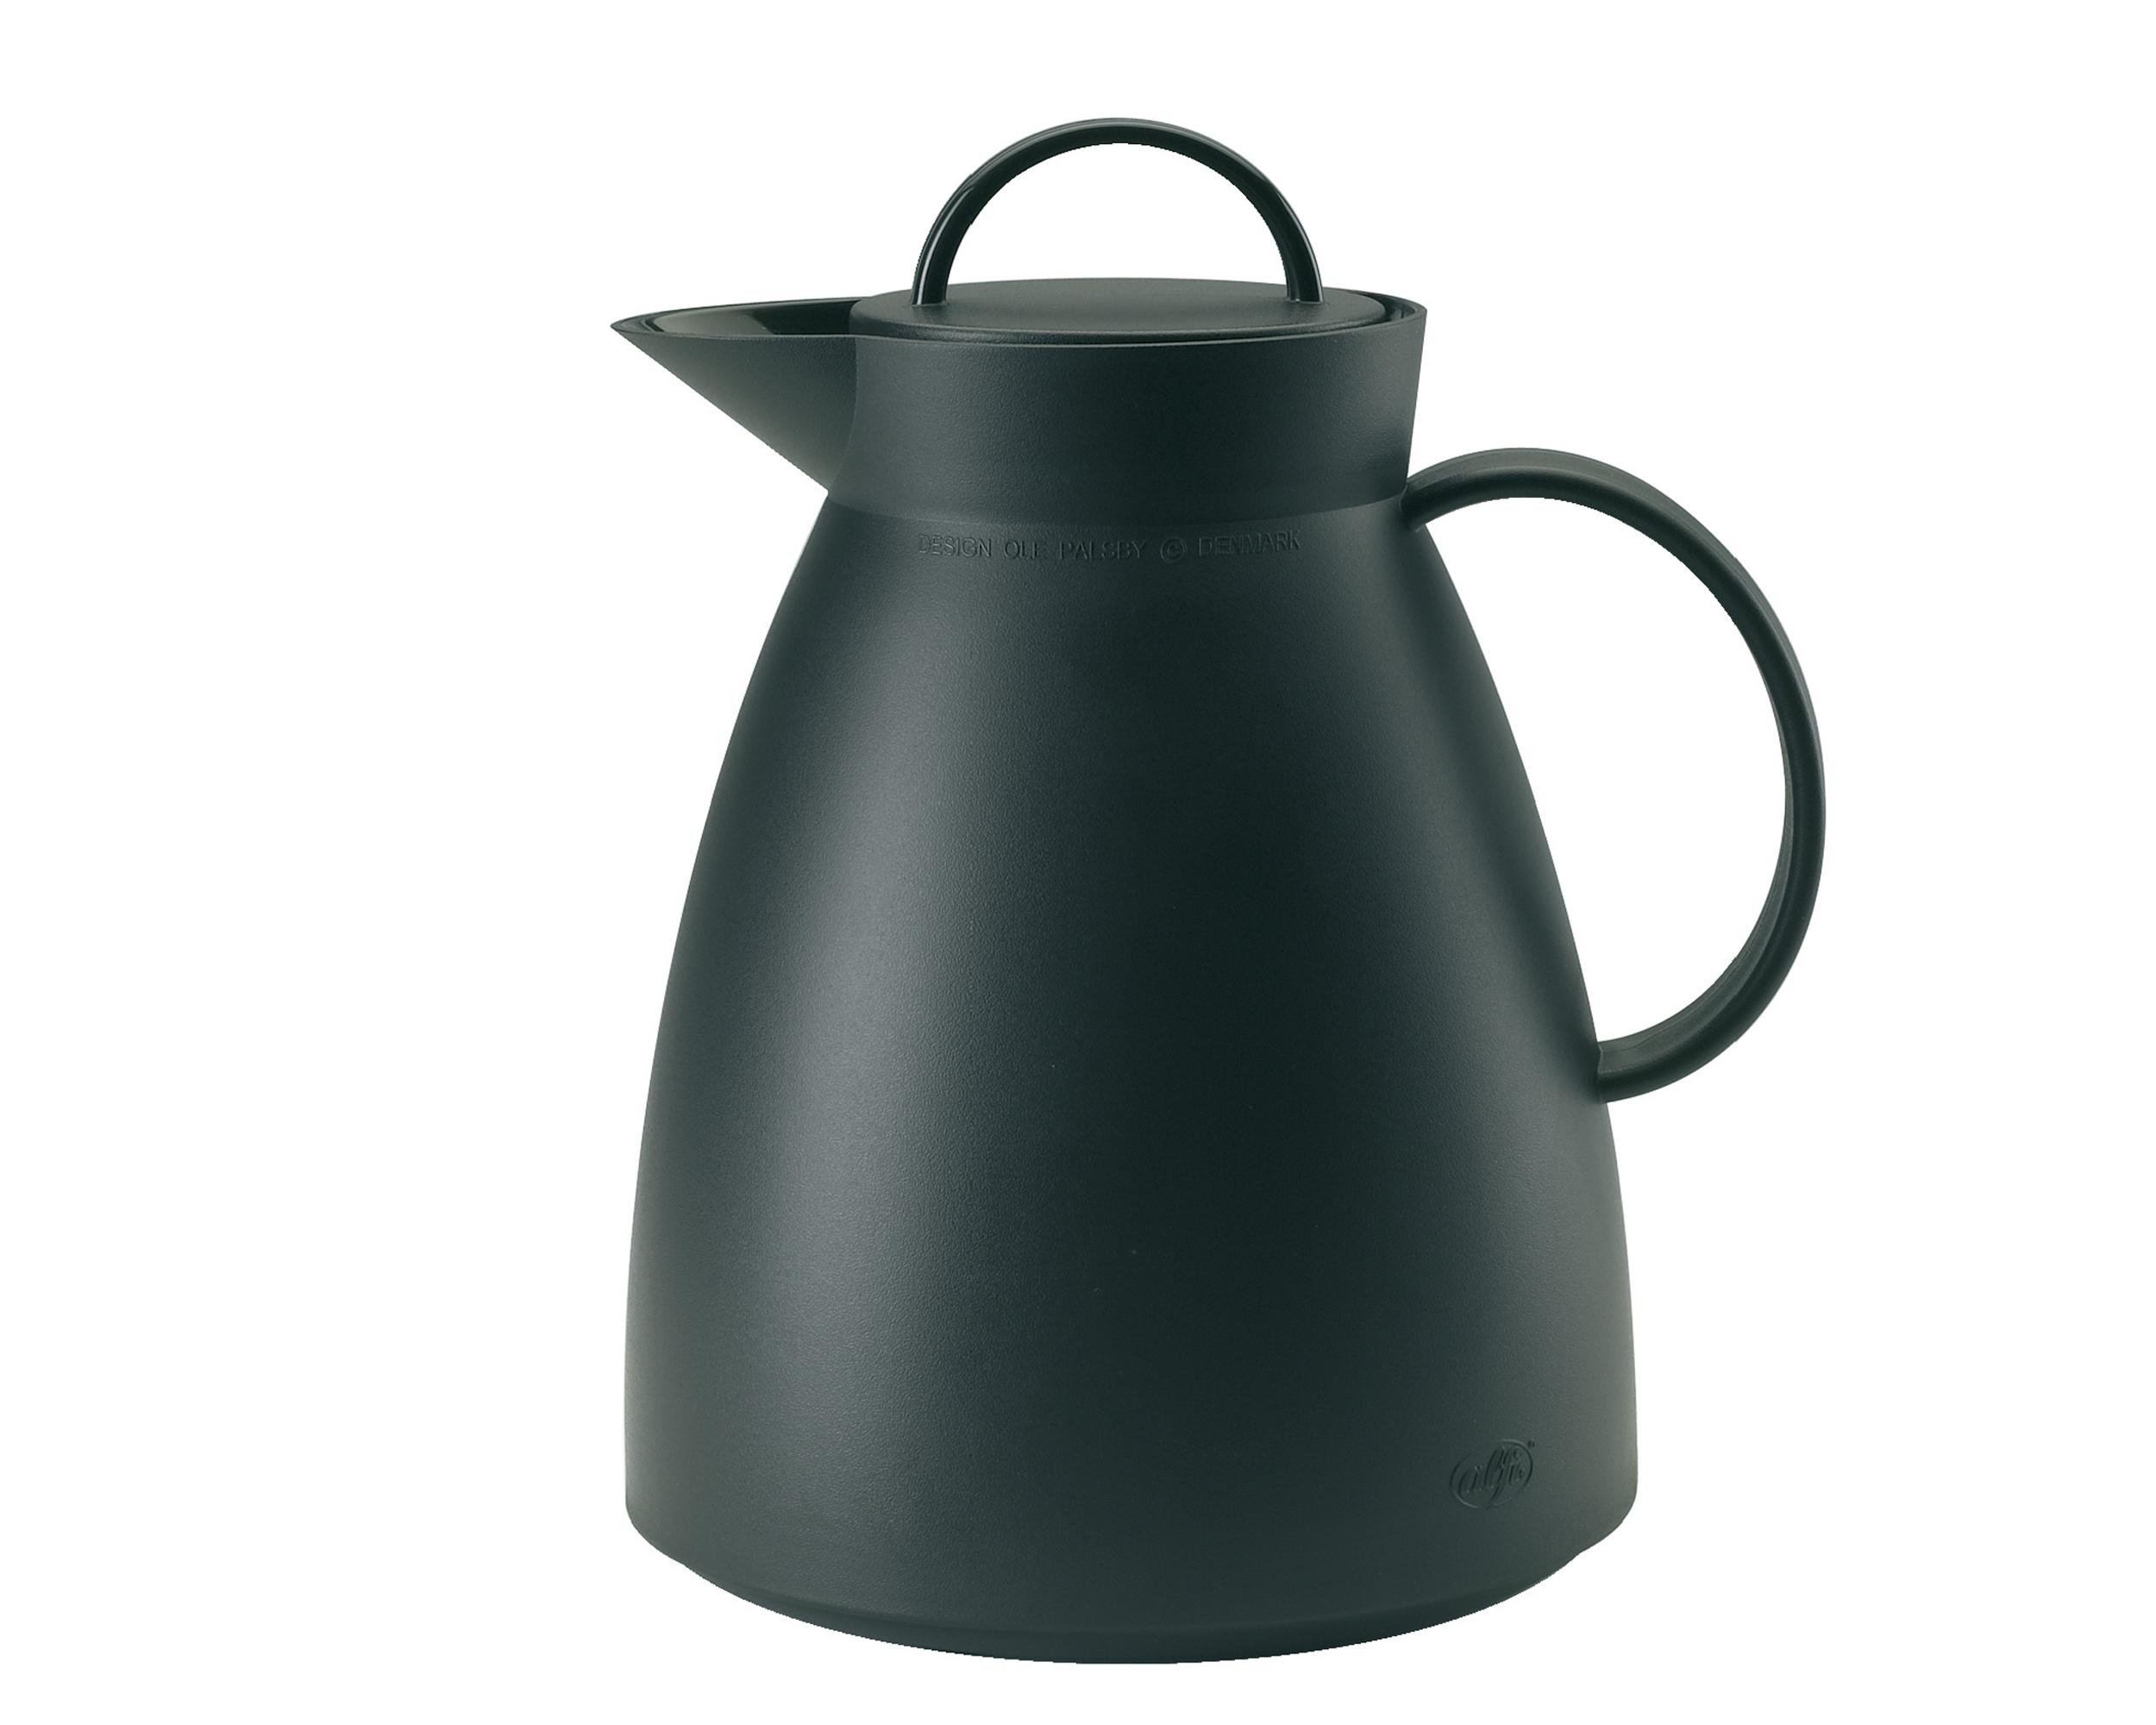 Dan termoskanna frostad svart 1 liter